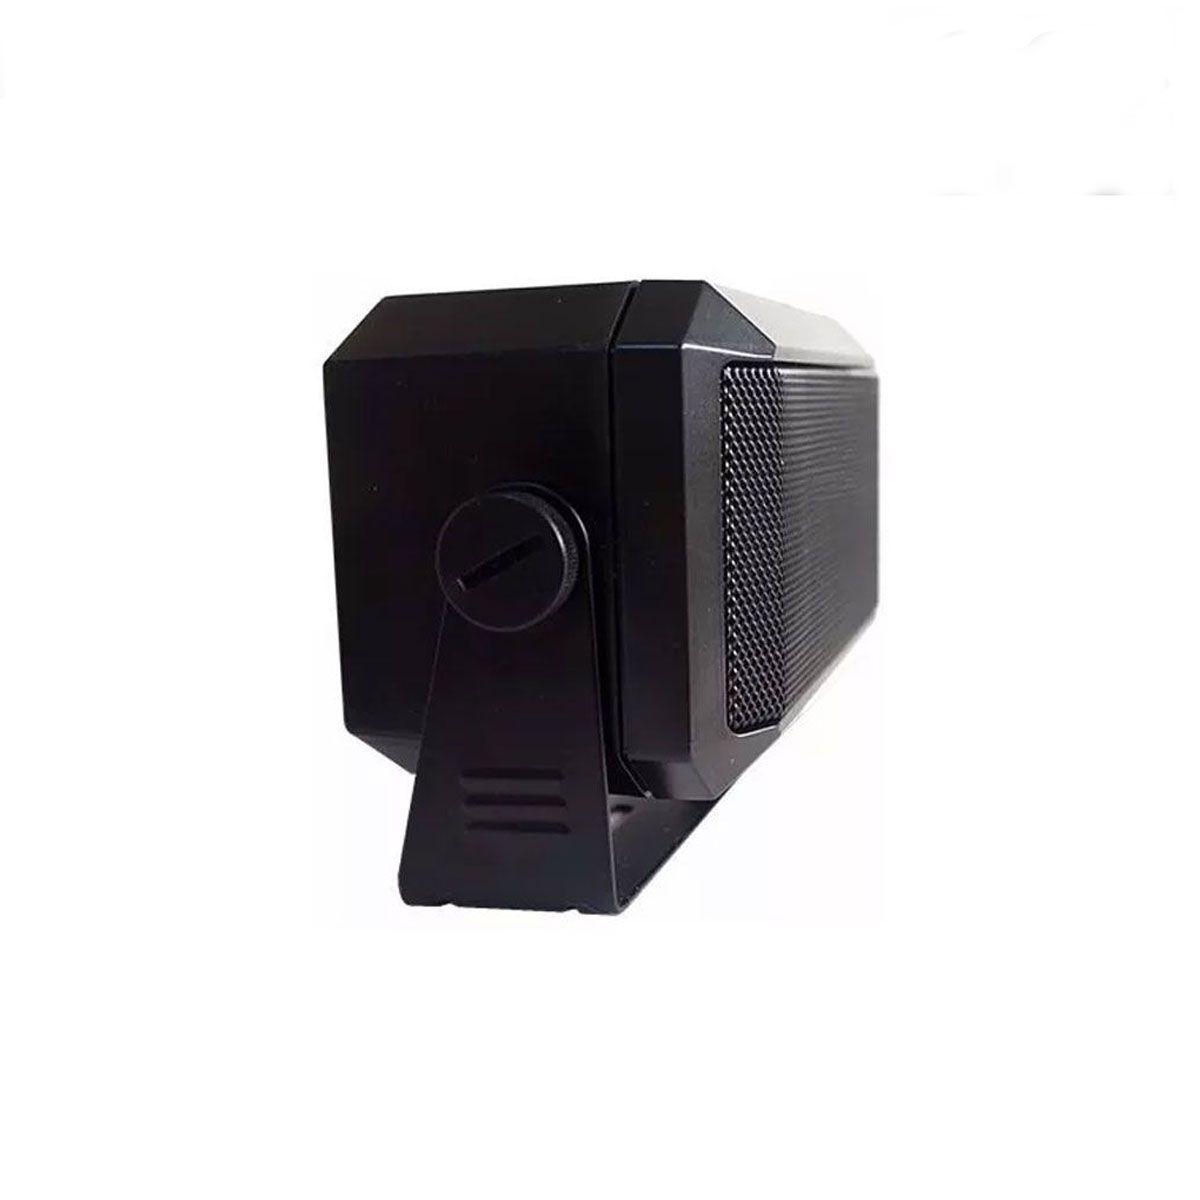 Caixa de som para rádio Px Voyager VG7-34 3W